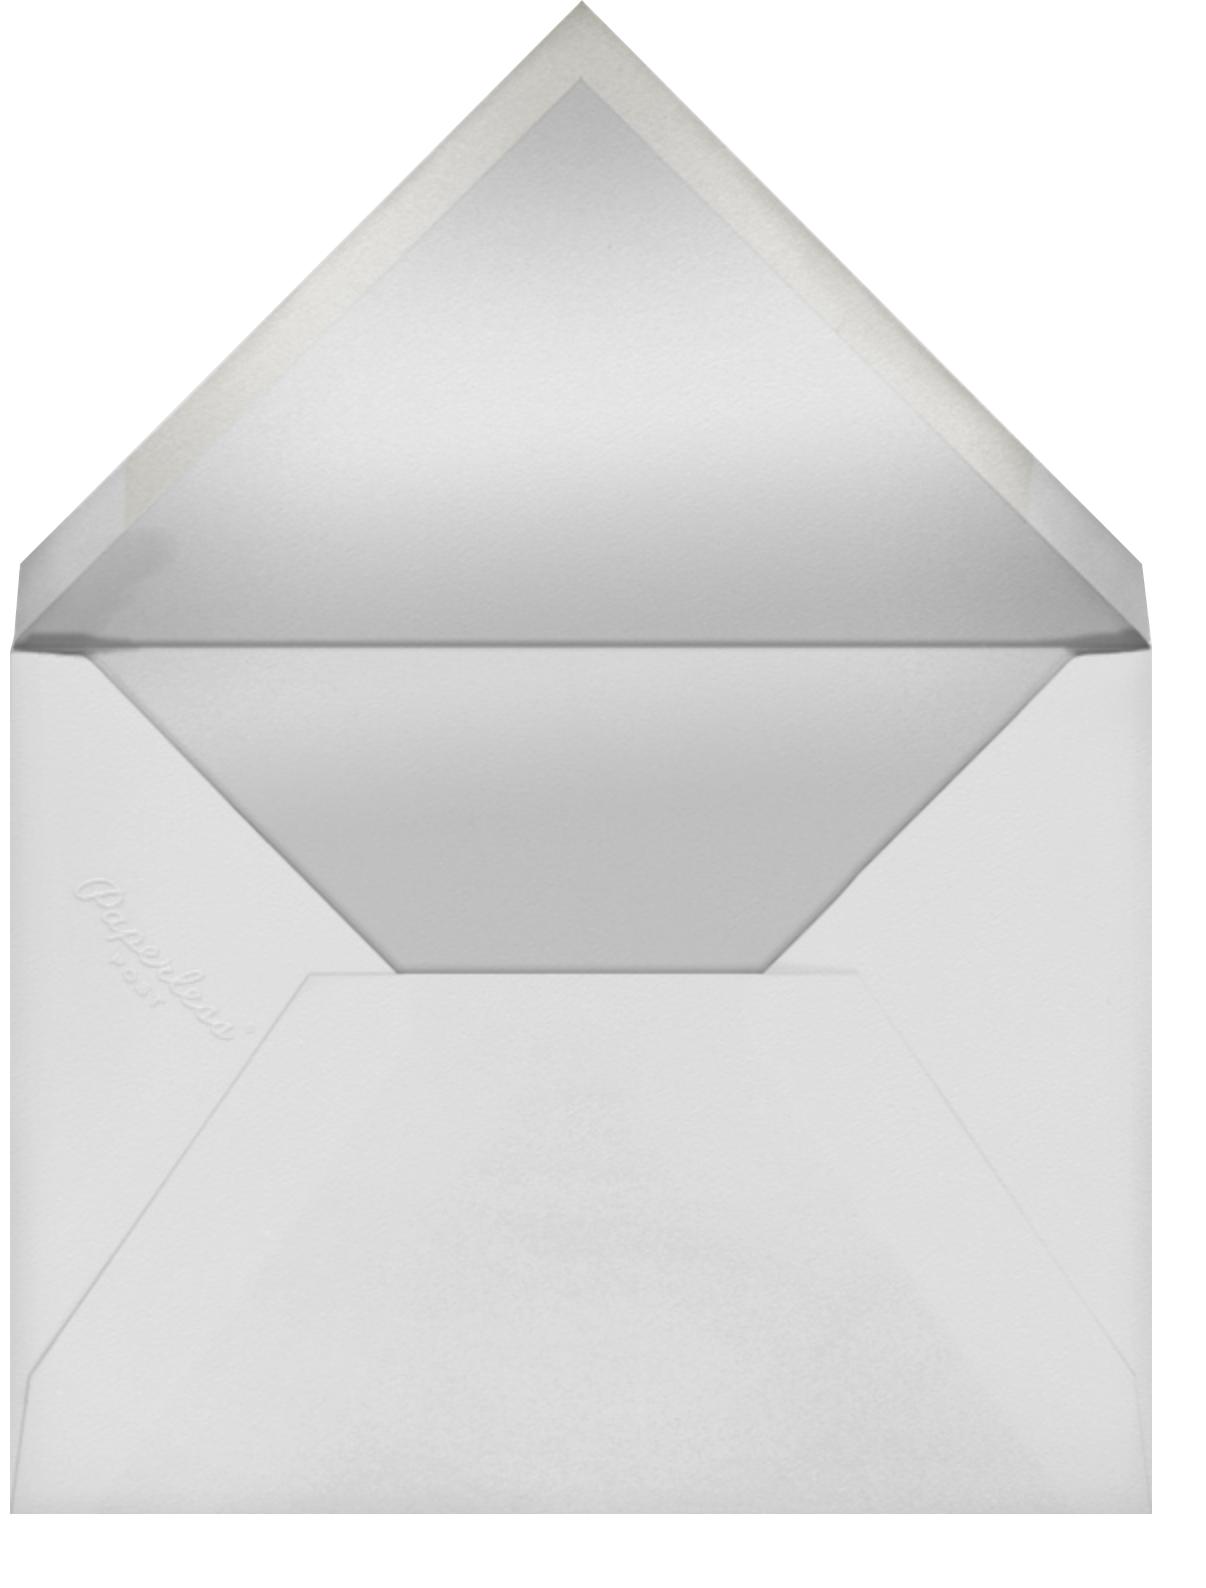 Plumier (Menu) - Paperless Post - Menus - envelope back